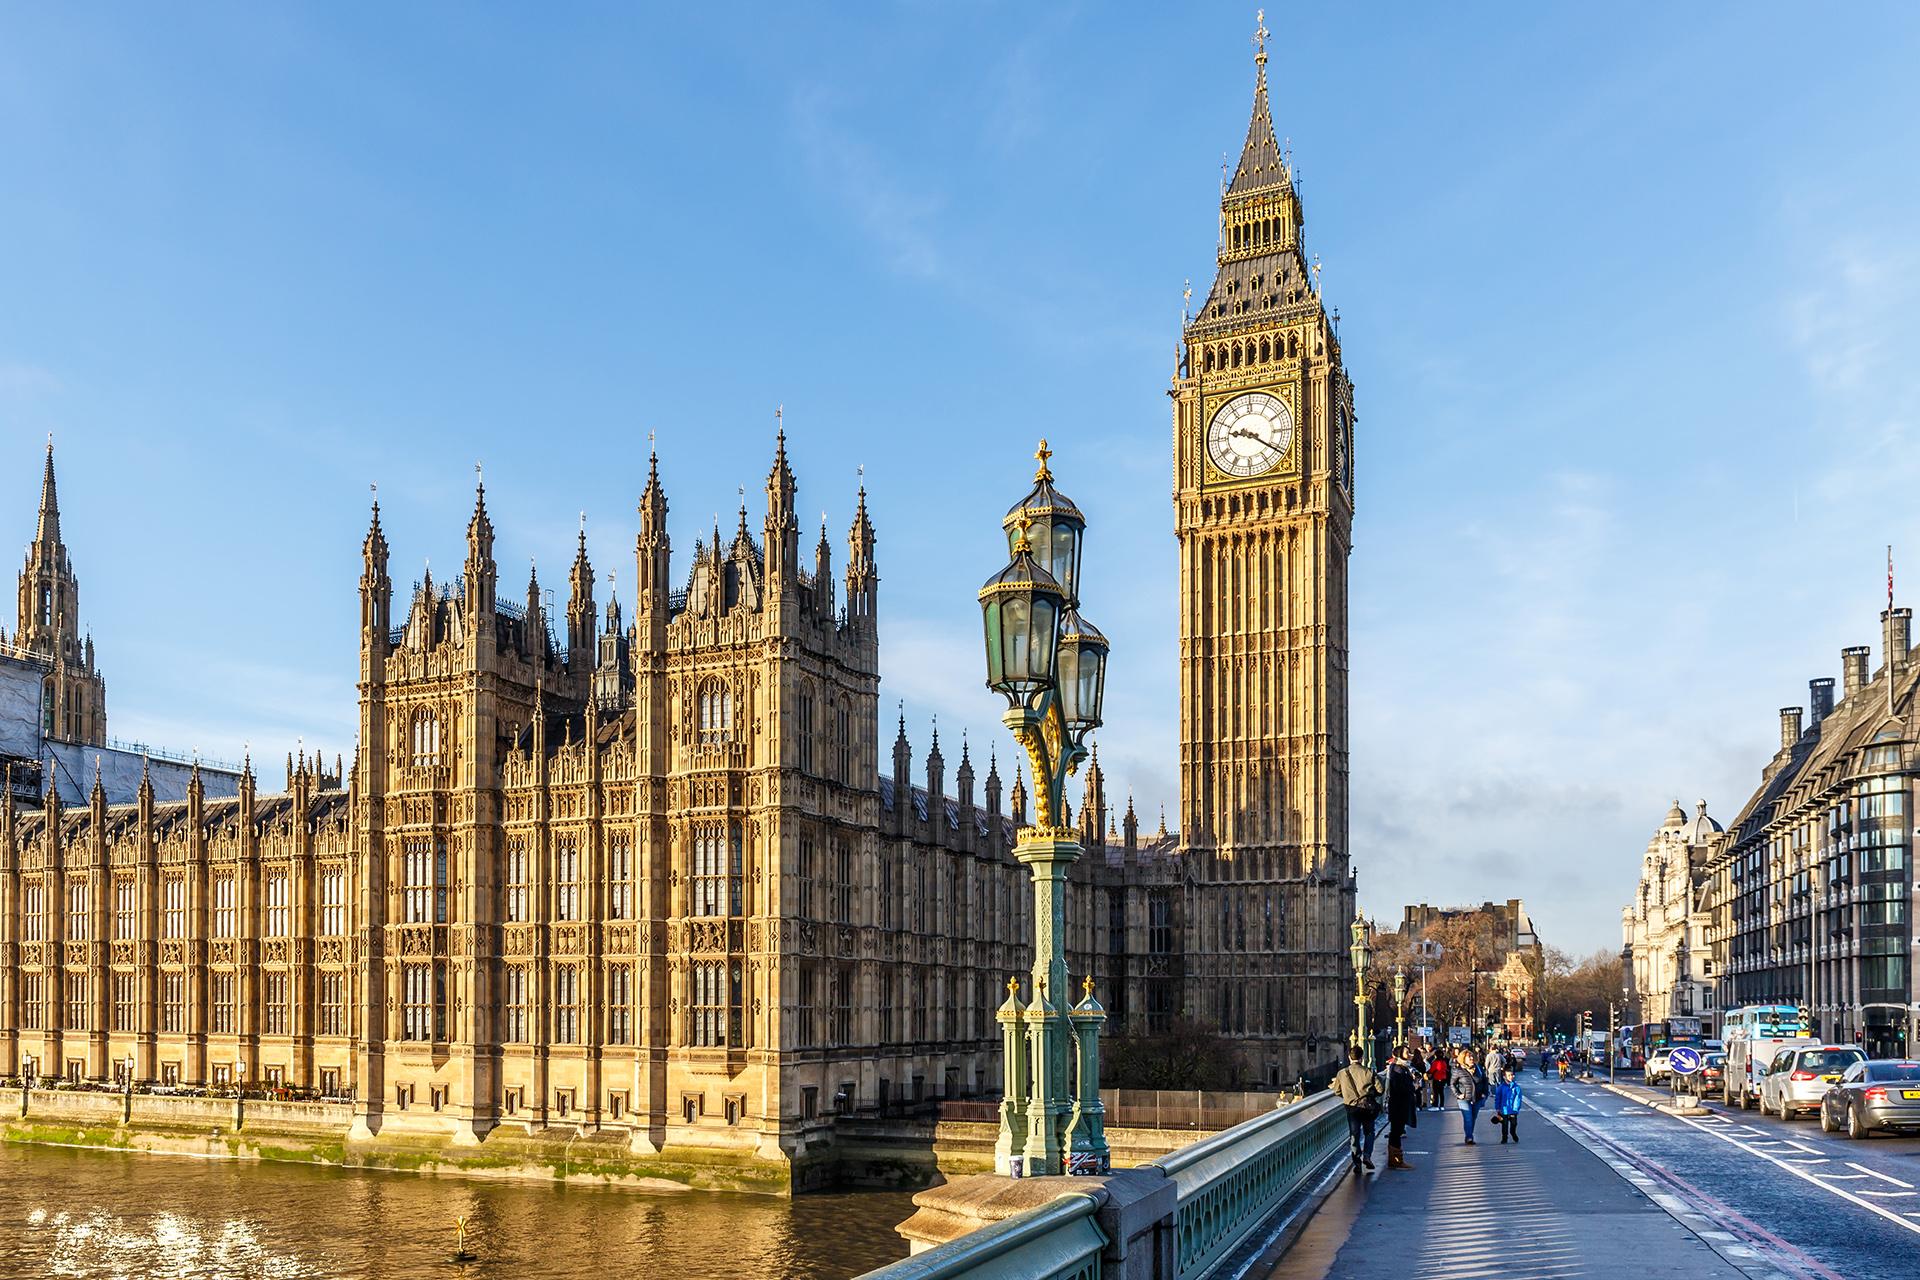 El Big Ben y el parlamento son dos de los lugares obligados de visita si se está por paseo por la ciudad de Londres. A pocos metros está ubicado The Tower of London y el mítico London Eye, la atracción turística elegida por más de 3,75 millones de visitantes al año